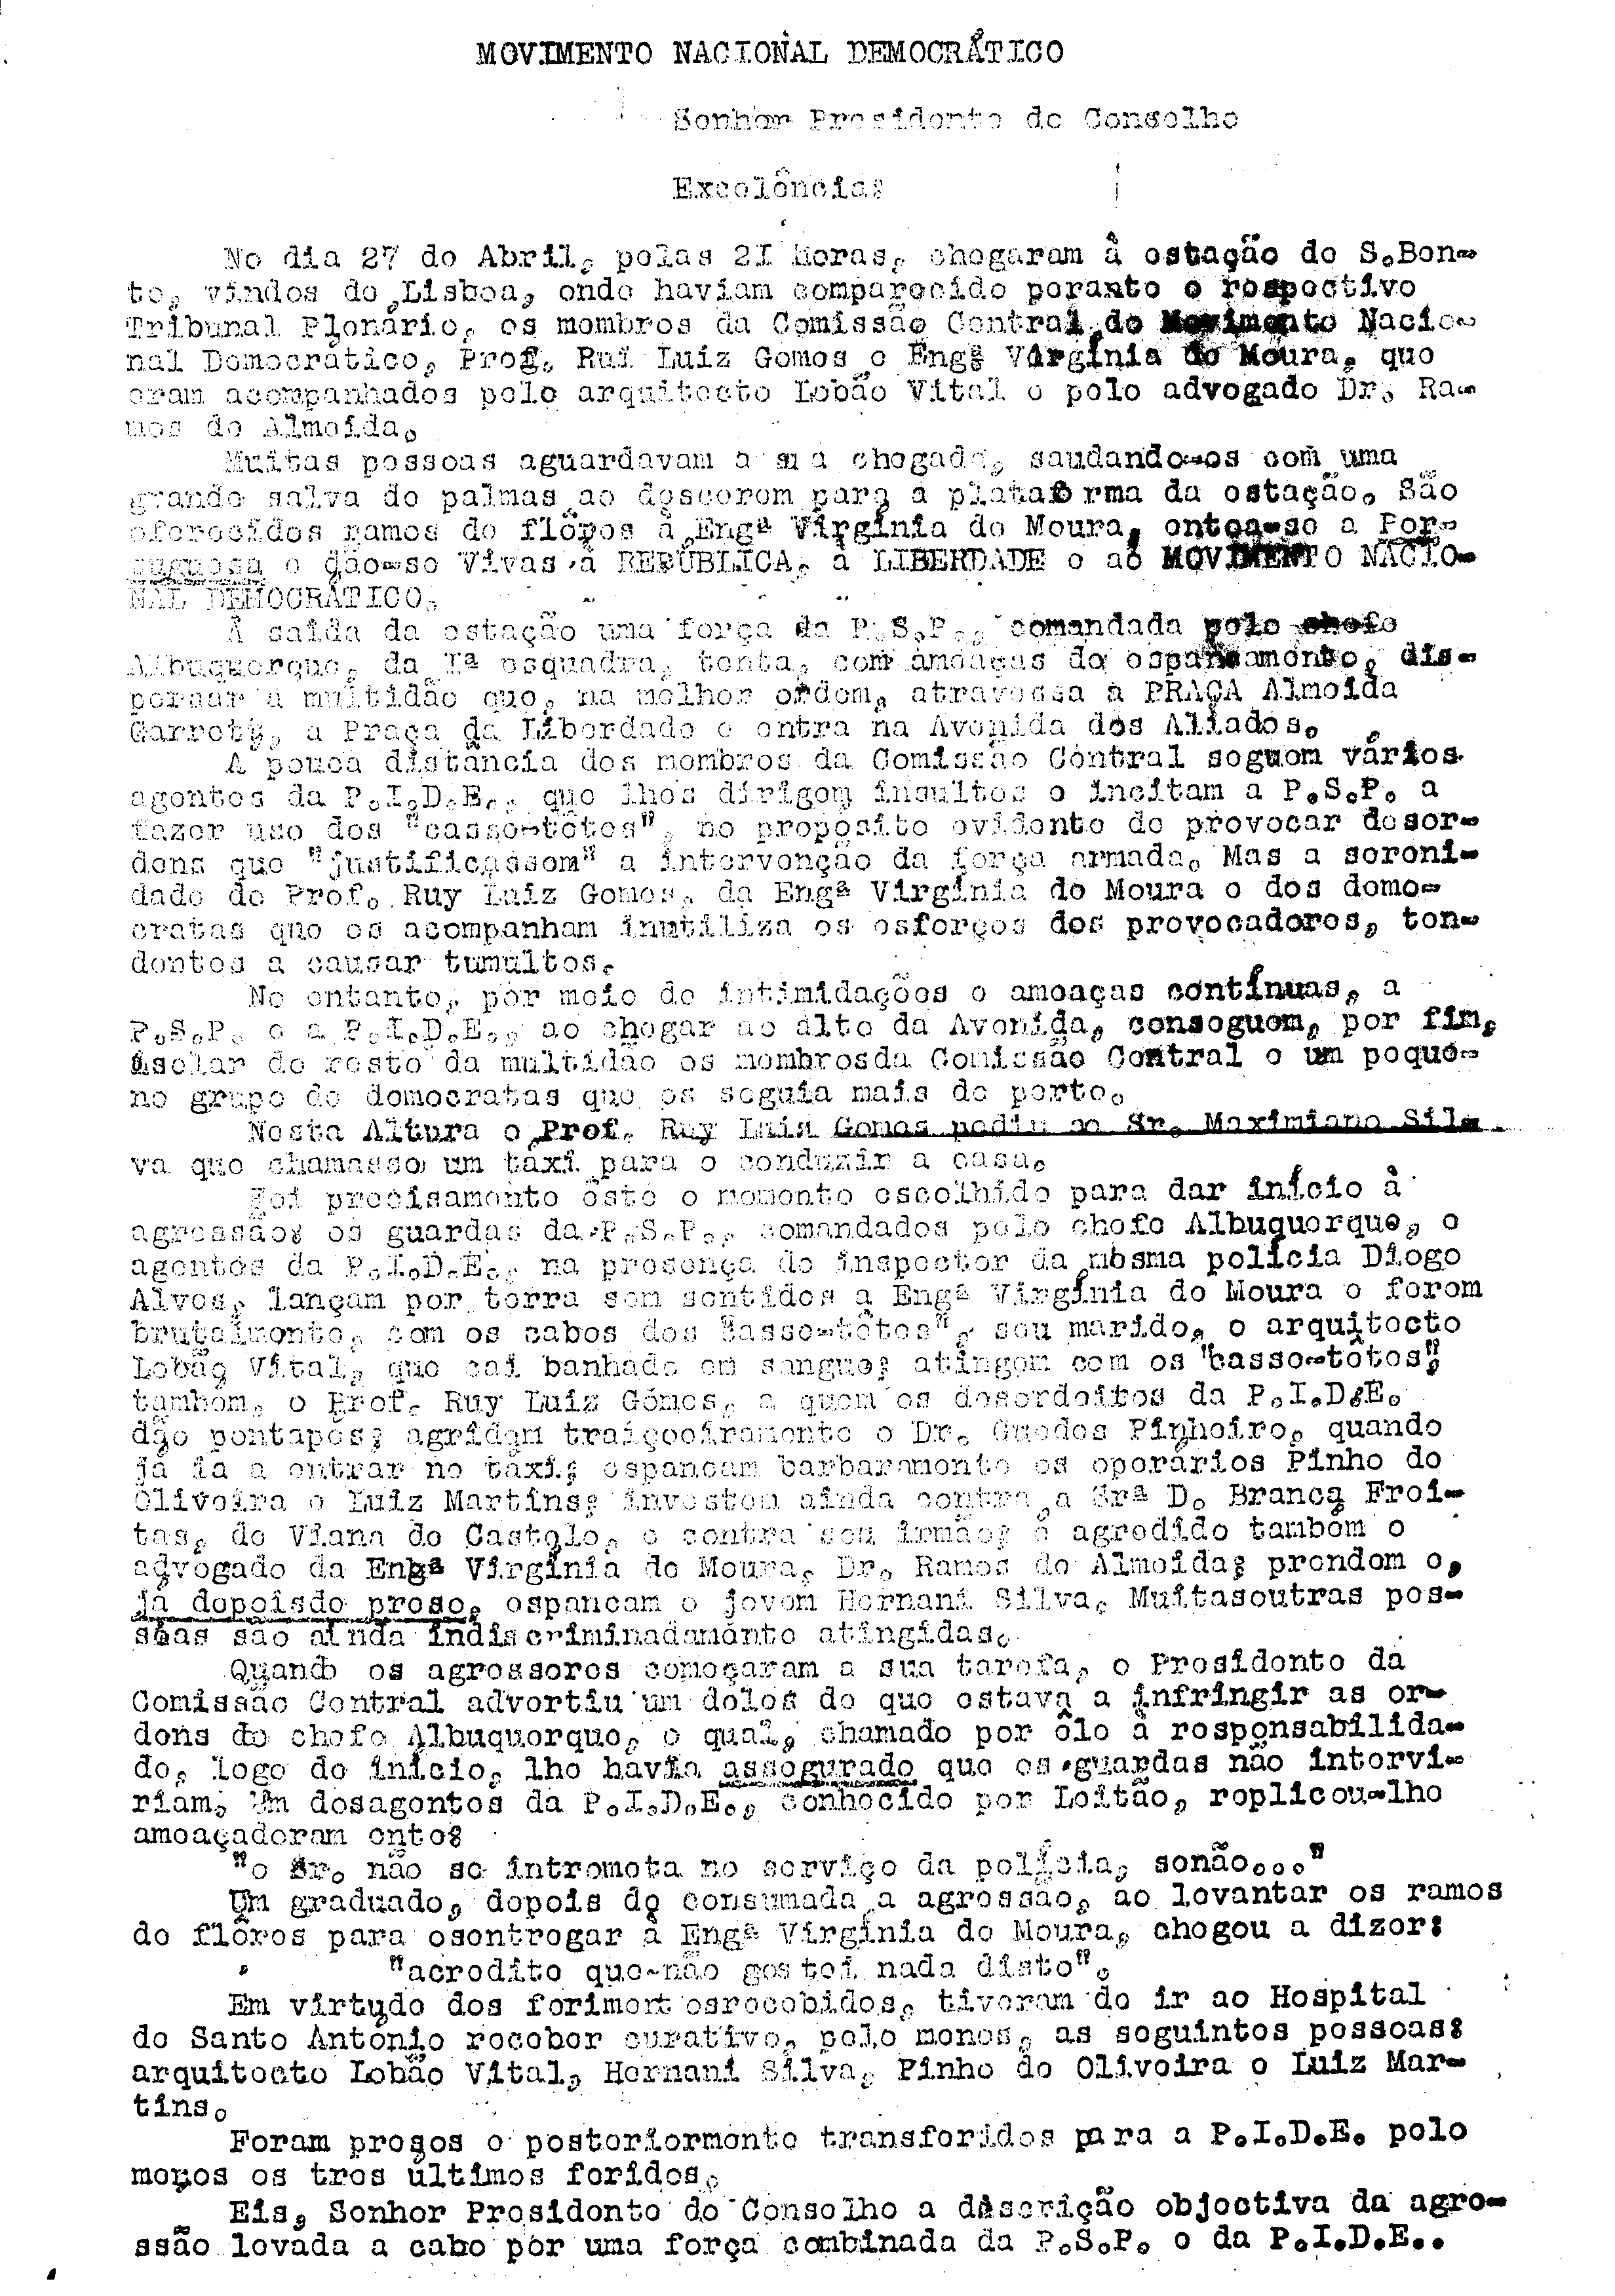 02592.006- pag.1